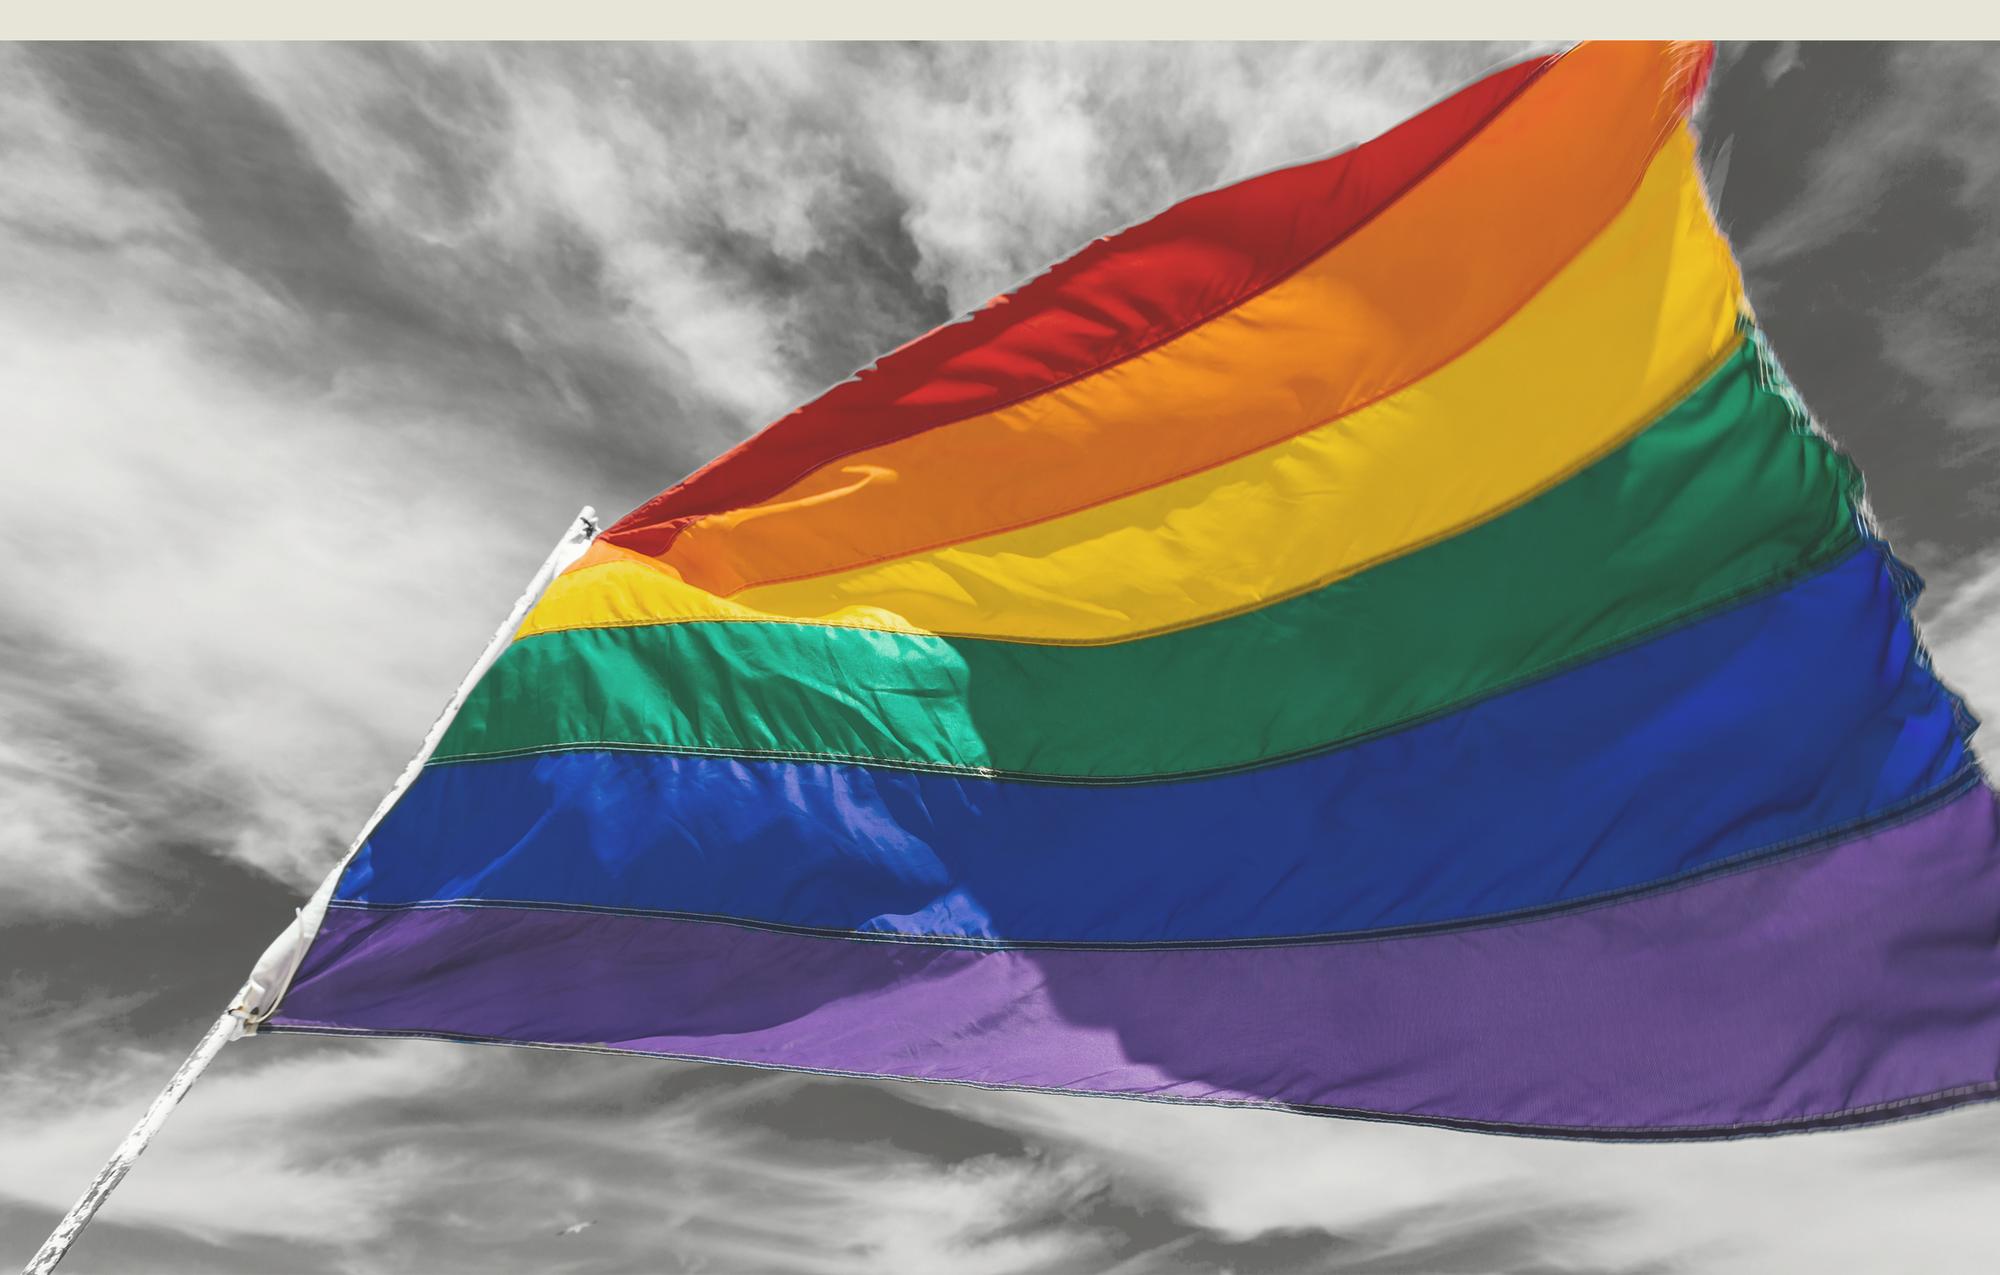 """Đạo luật """"ném đá đến chết người LGBT"""" của Brunei: Khi niềm tin trở thành tội ác - Ảnh 7."""